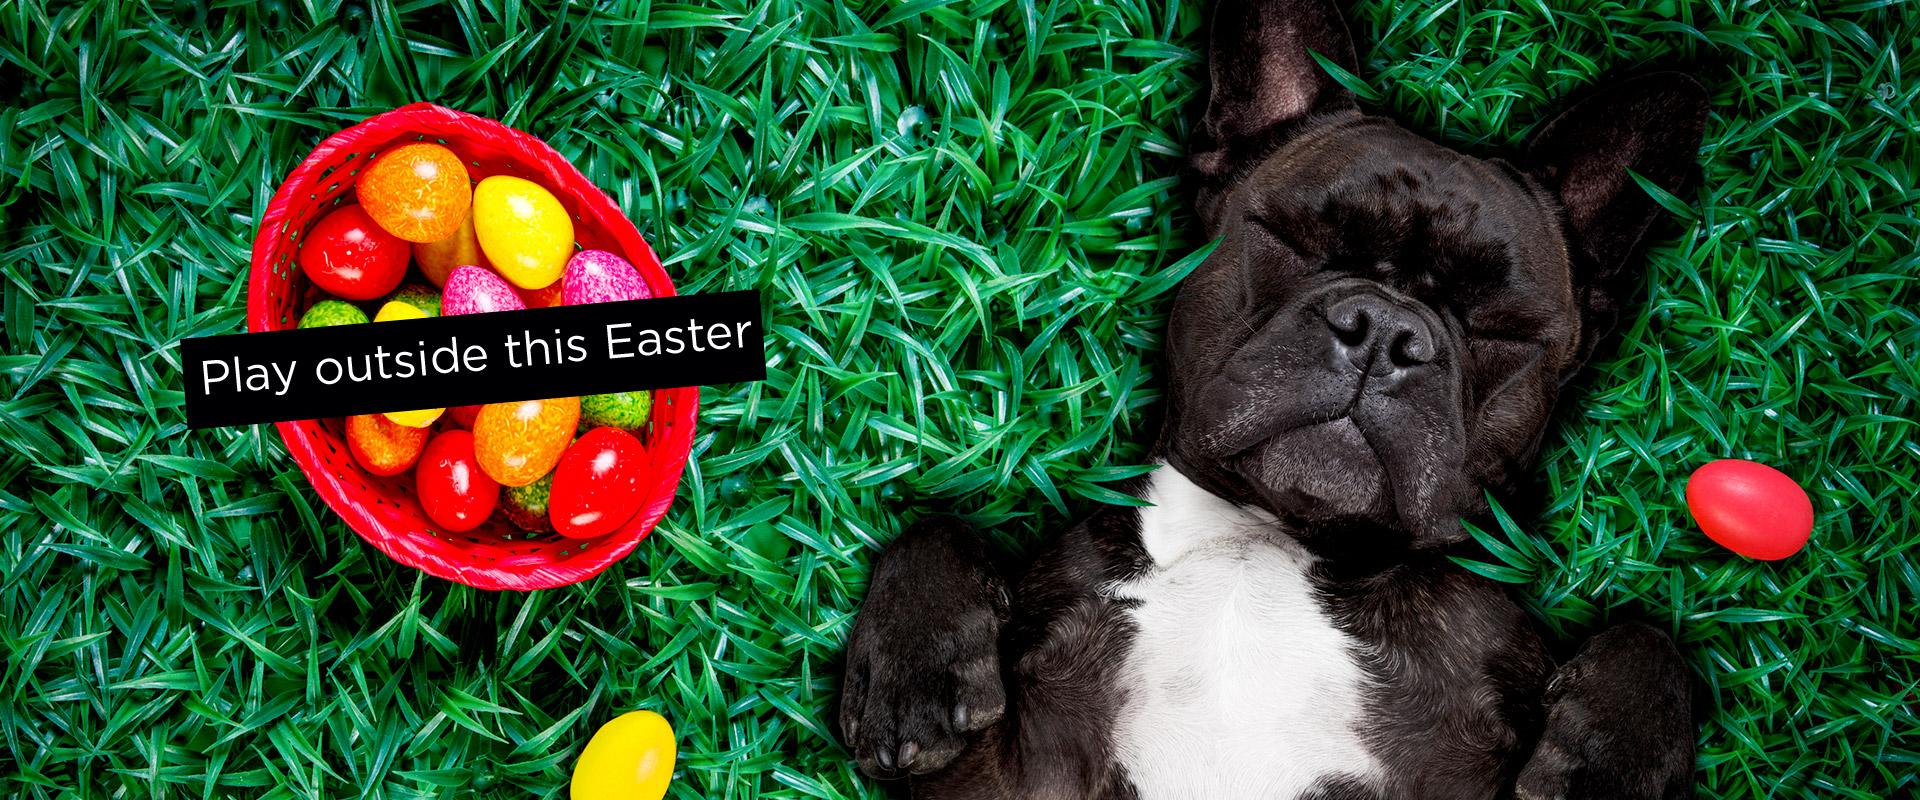 Easter-Slider-1920x800